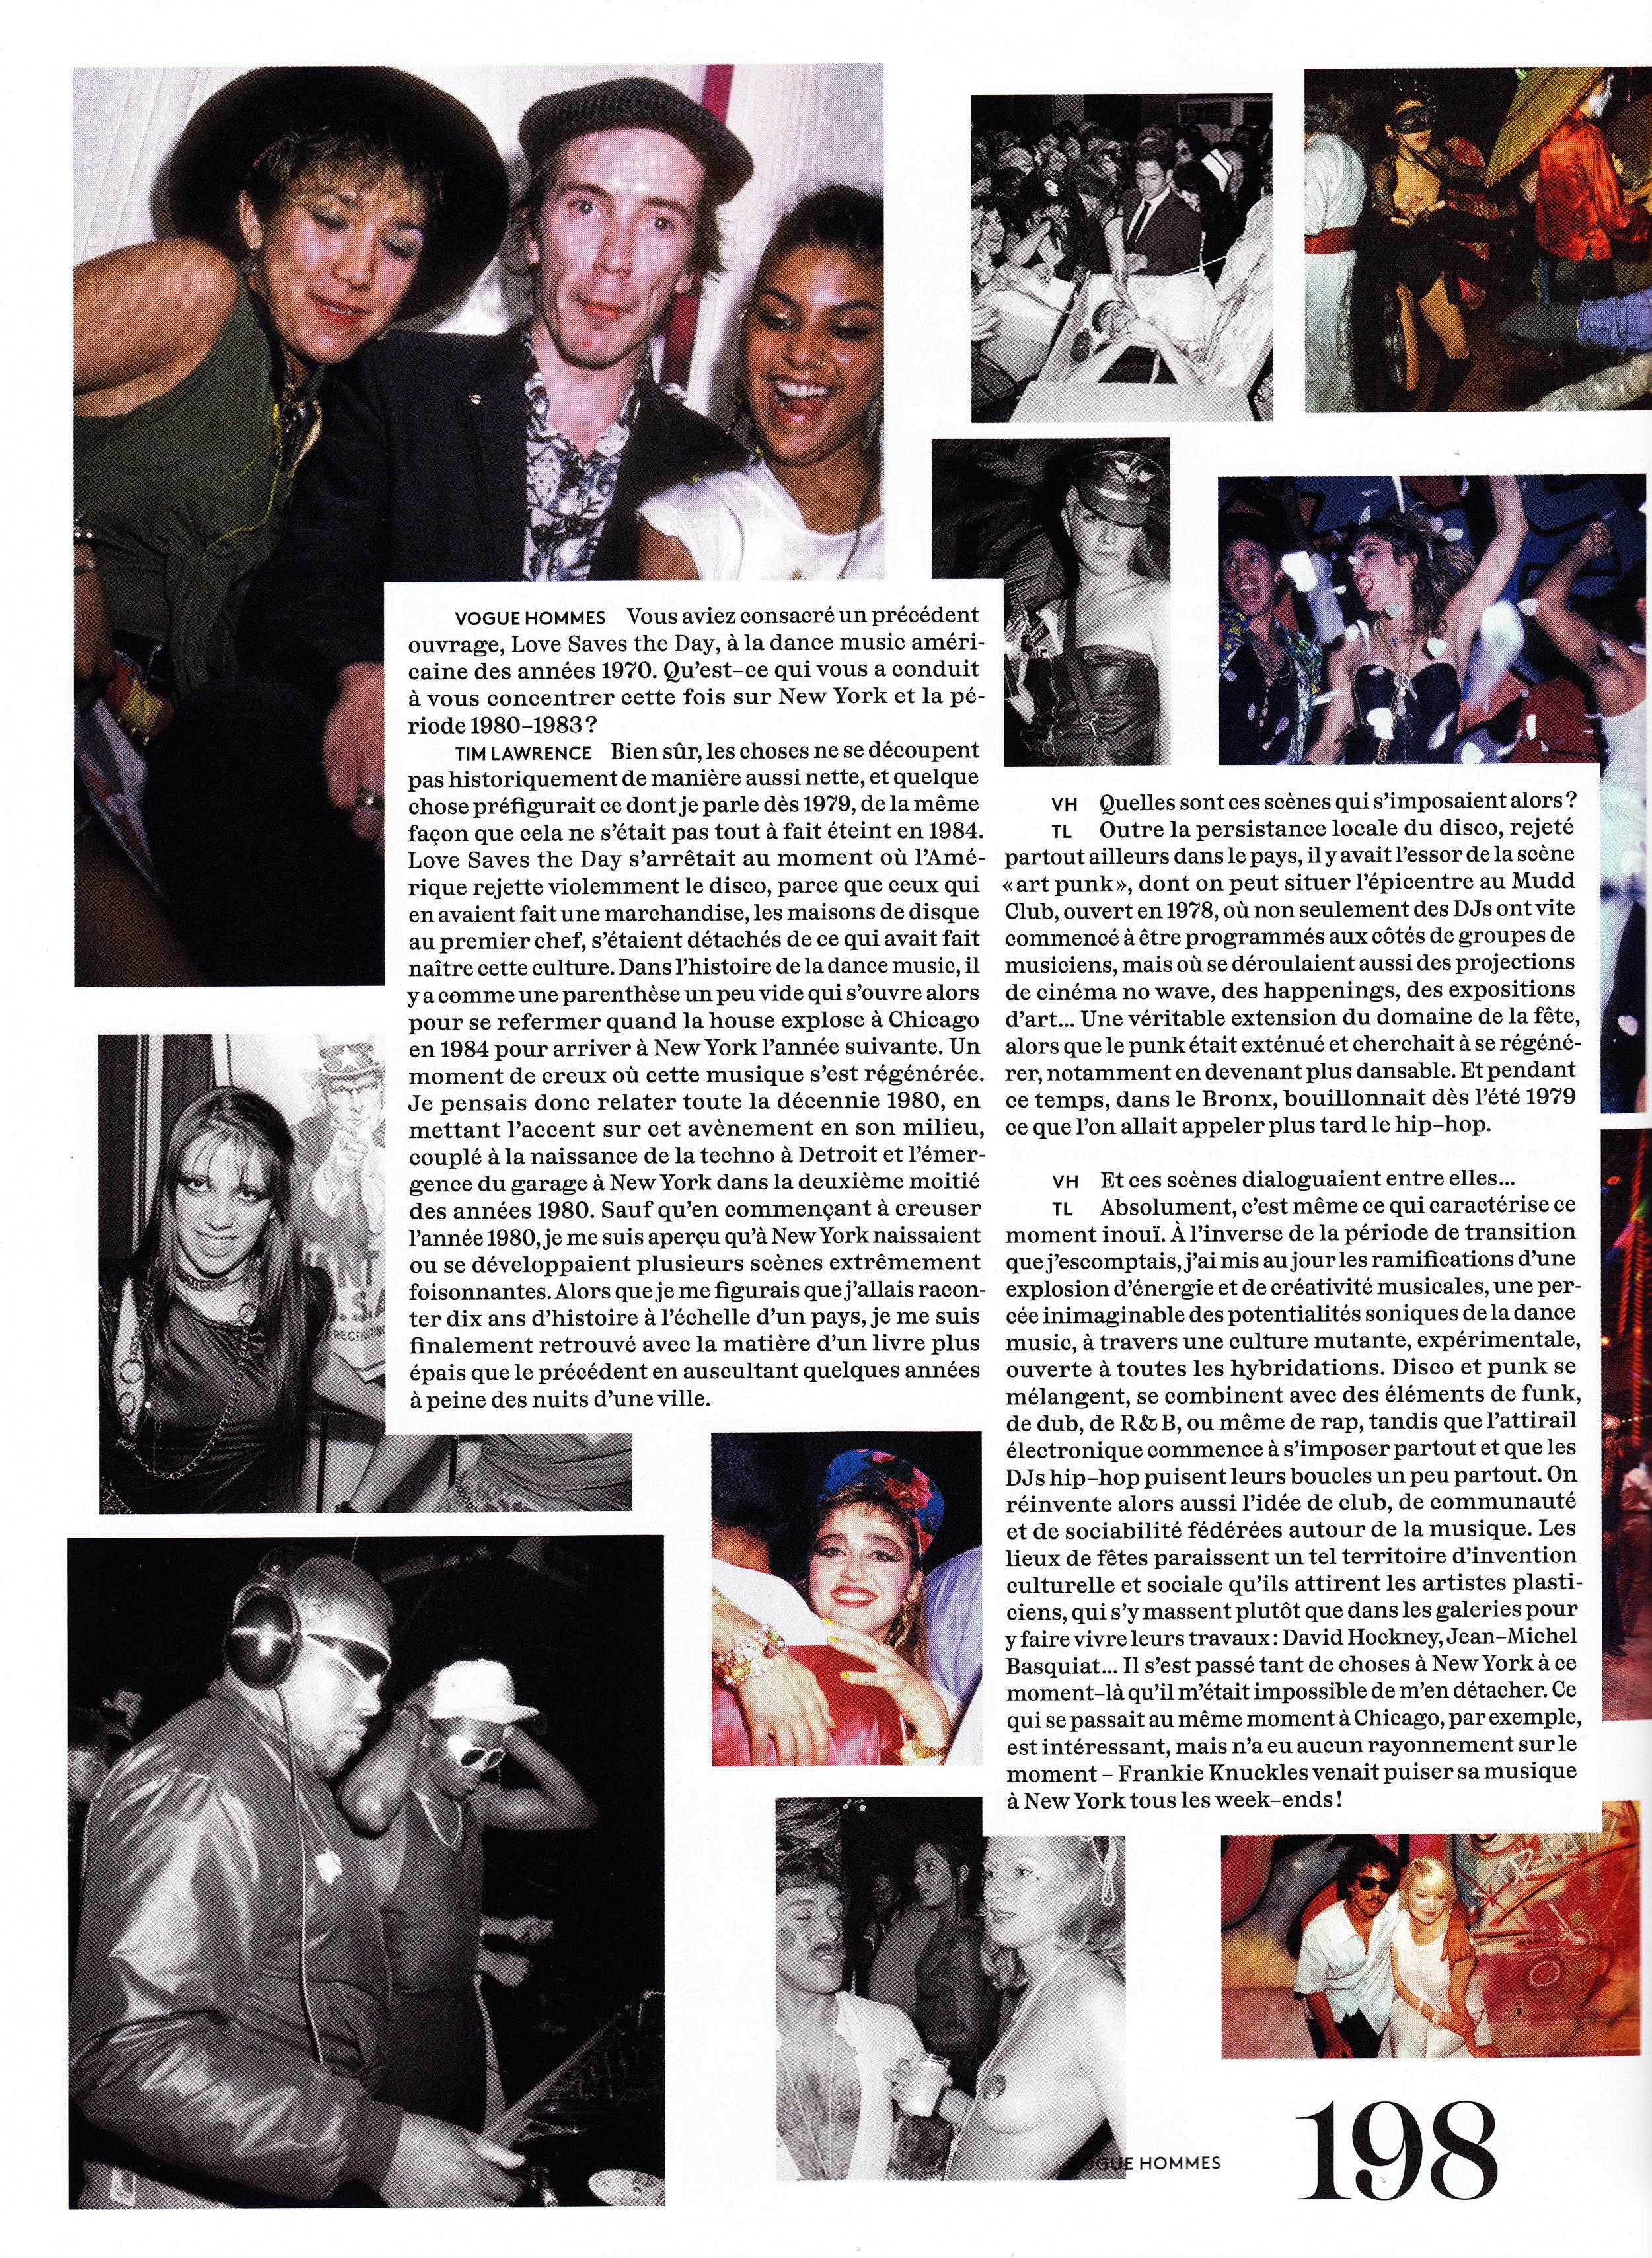 Vogue-3.jpg